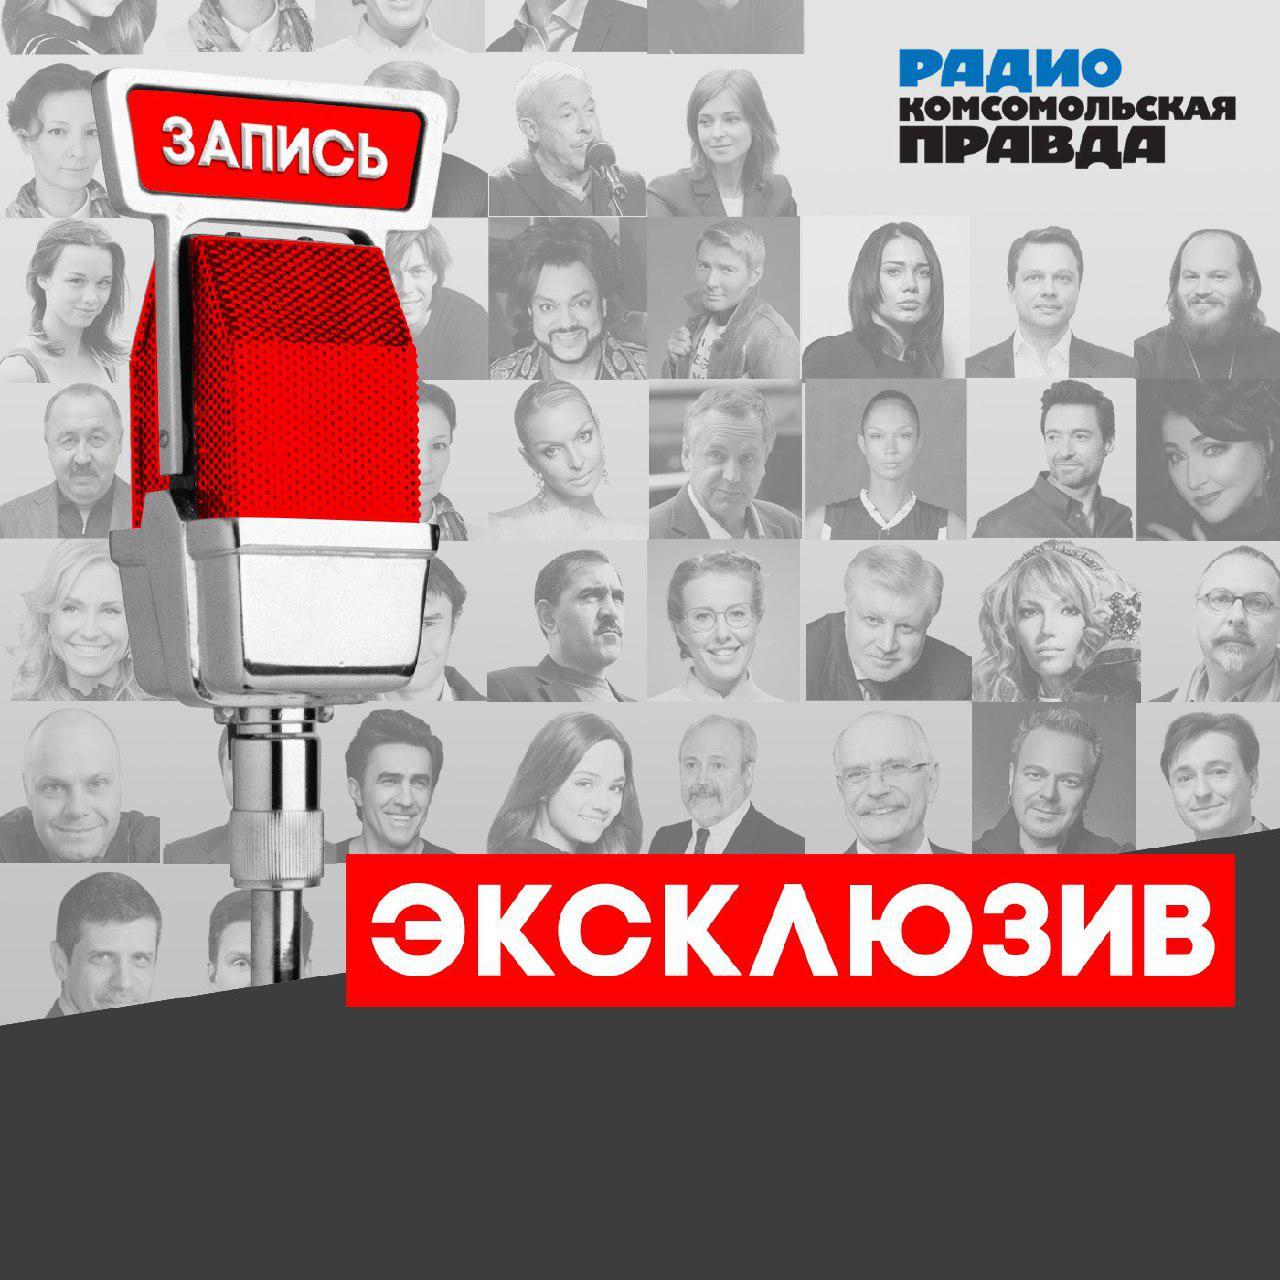 Радио «Комсомольская правда» Кому принадлежат голоса известных товарных знаков и торговых марок